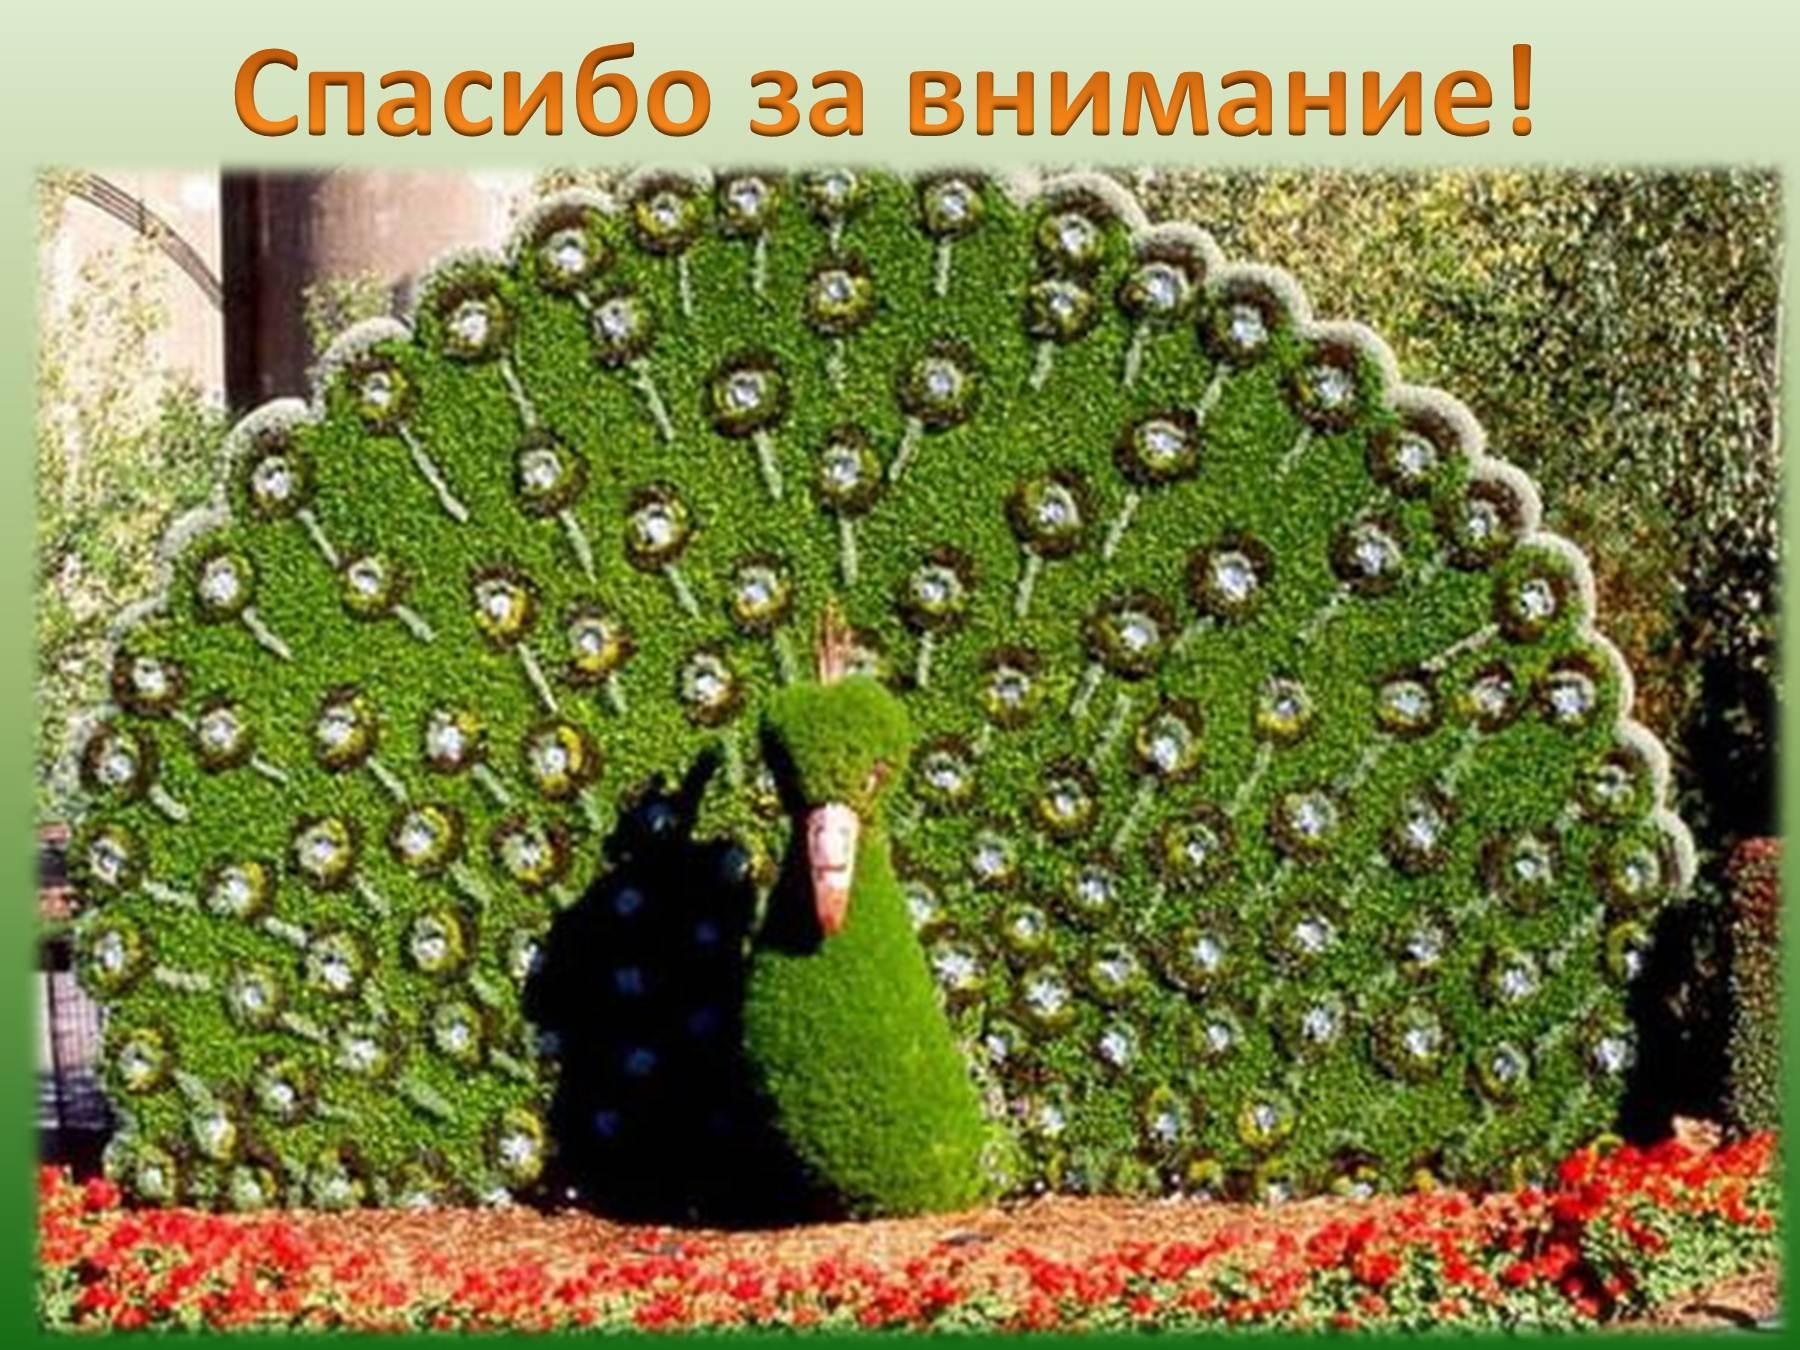 Павлин из живых цветов фото